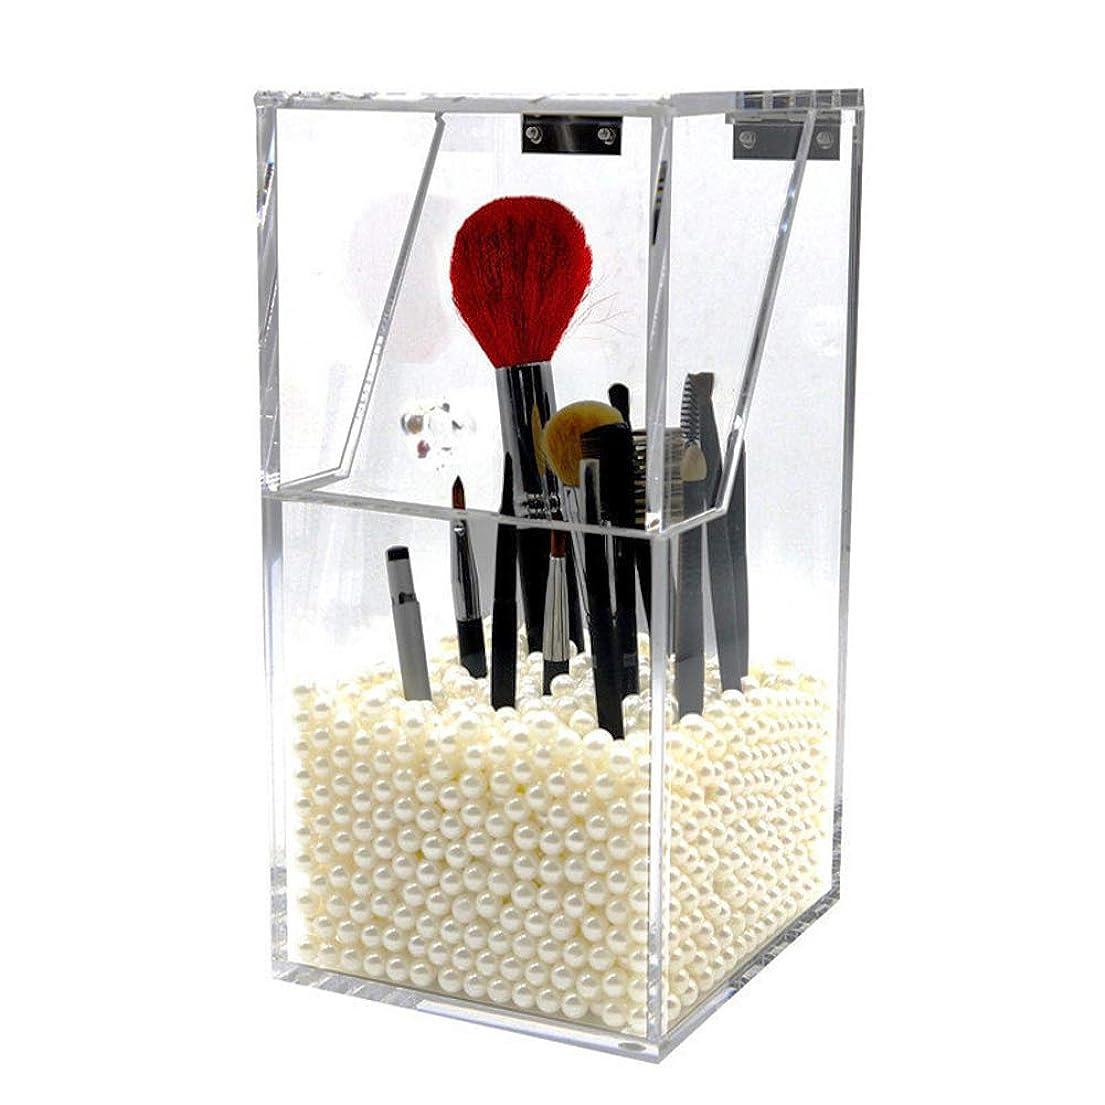 不安定な木曜日ギャロップITTE アクリル 透明な化粧箱真珠収納ボックス ブラシペンシル 口紅ポリッシュ防塵の化粧道具組織者 (ホワイト)